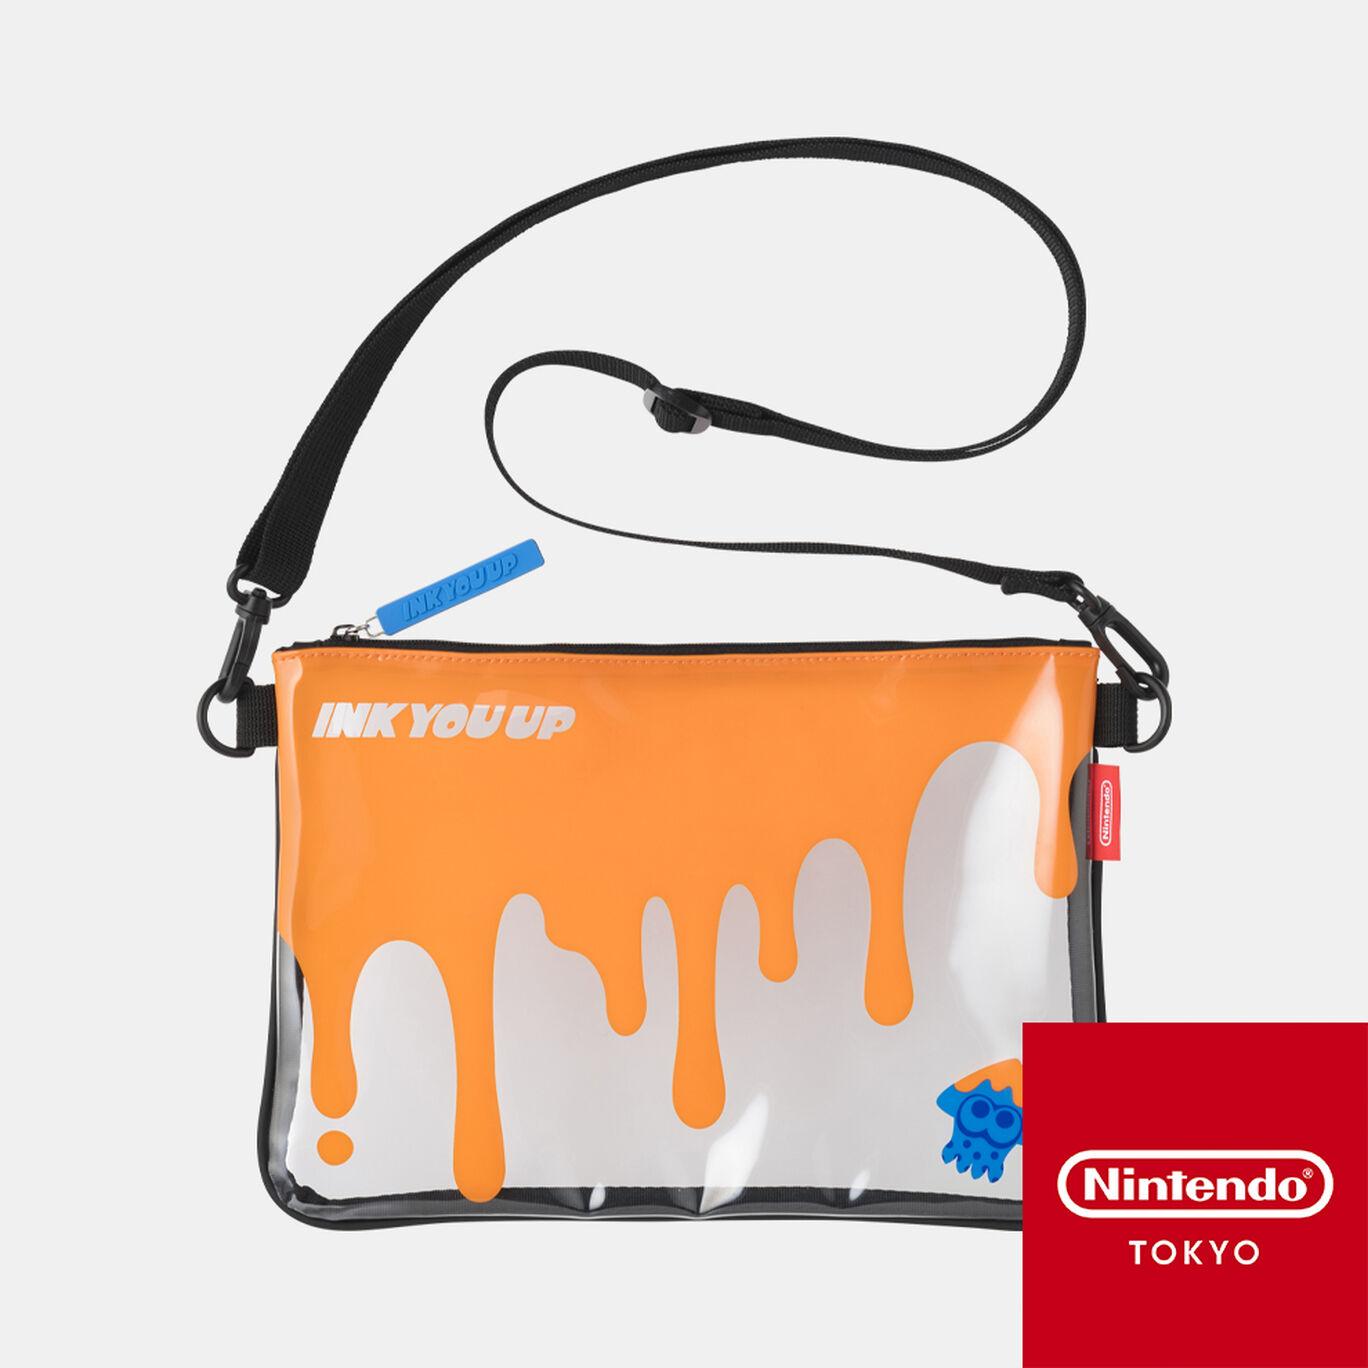 クリアサコッシュ INK YOU UP【Nintendo TOKYO取り扱い商品】